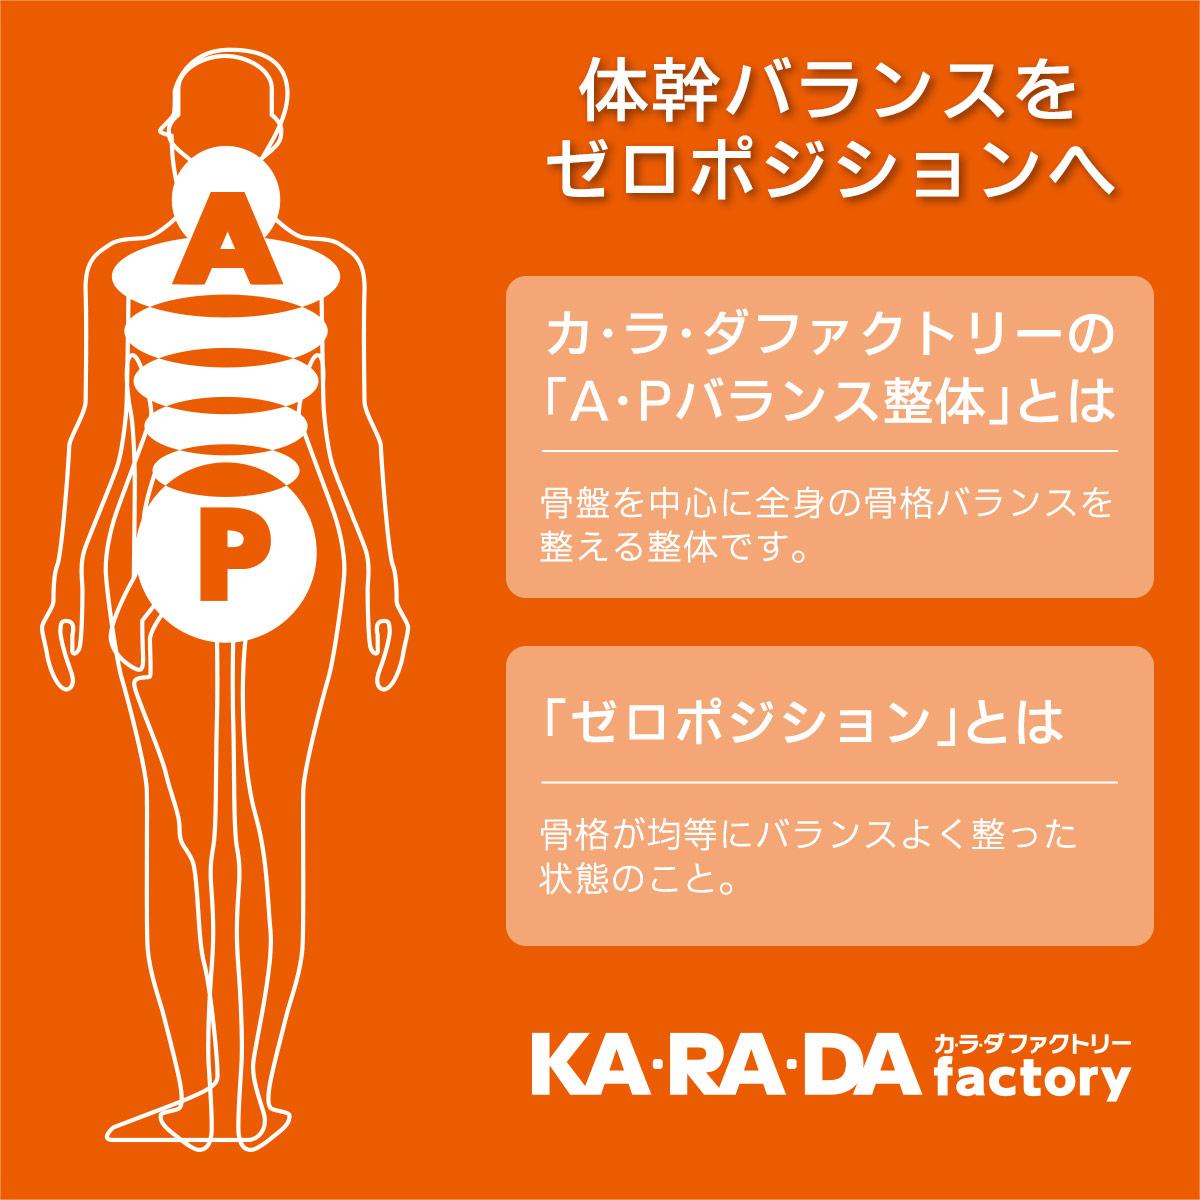 KARADAファクトリー(カラダファクトリー) 立ち姿すっきり! 内側傾斜設計であしもとゼロポジュションへ 抗菌防臭 体幹調整ソックス メンズ 男性 紳士 2811-114 【ゆうパケット・2点まで】